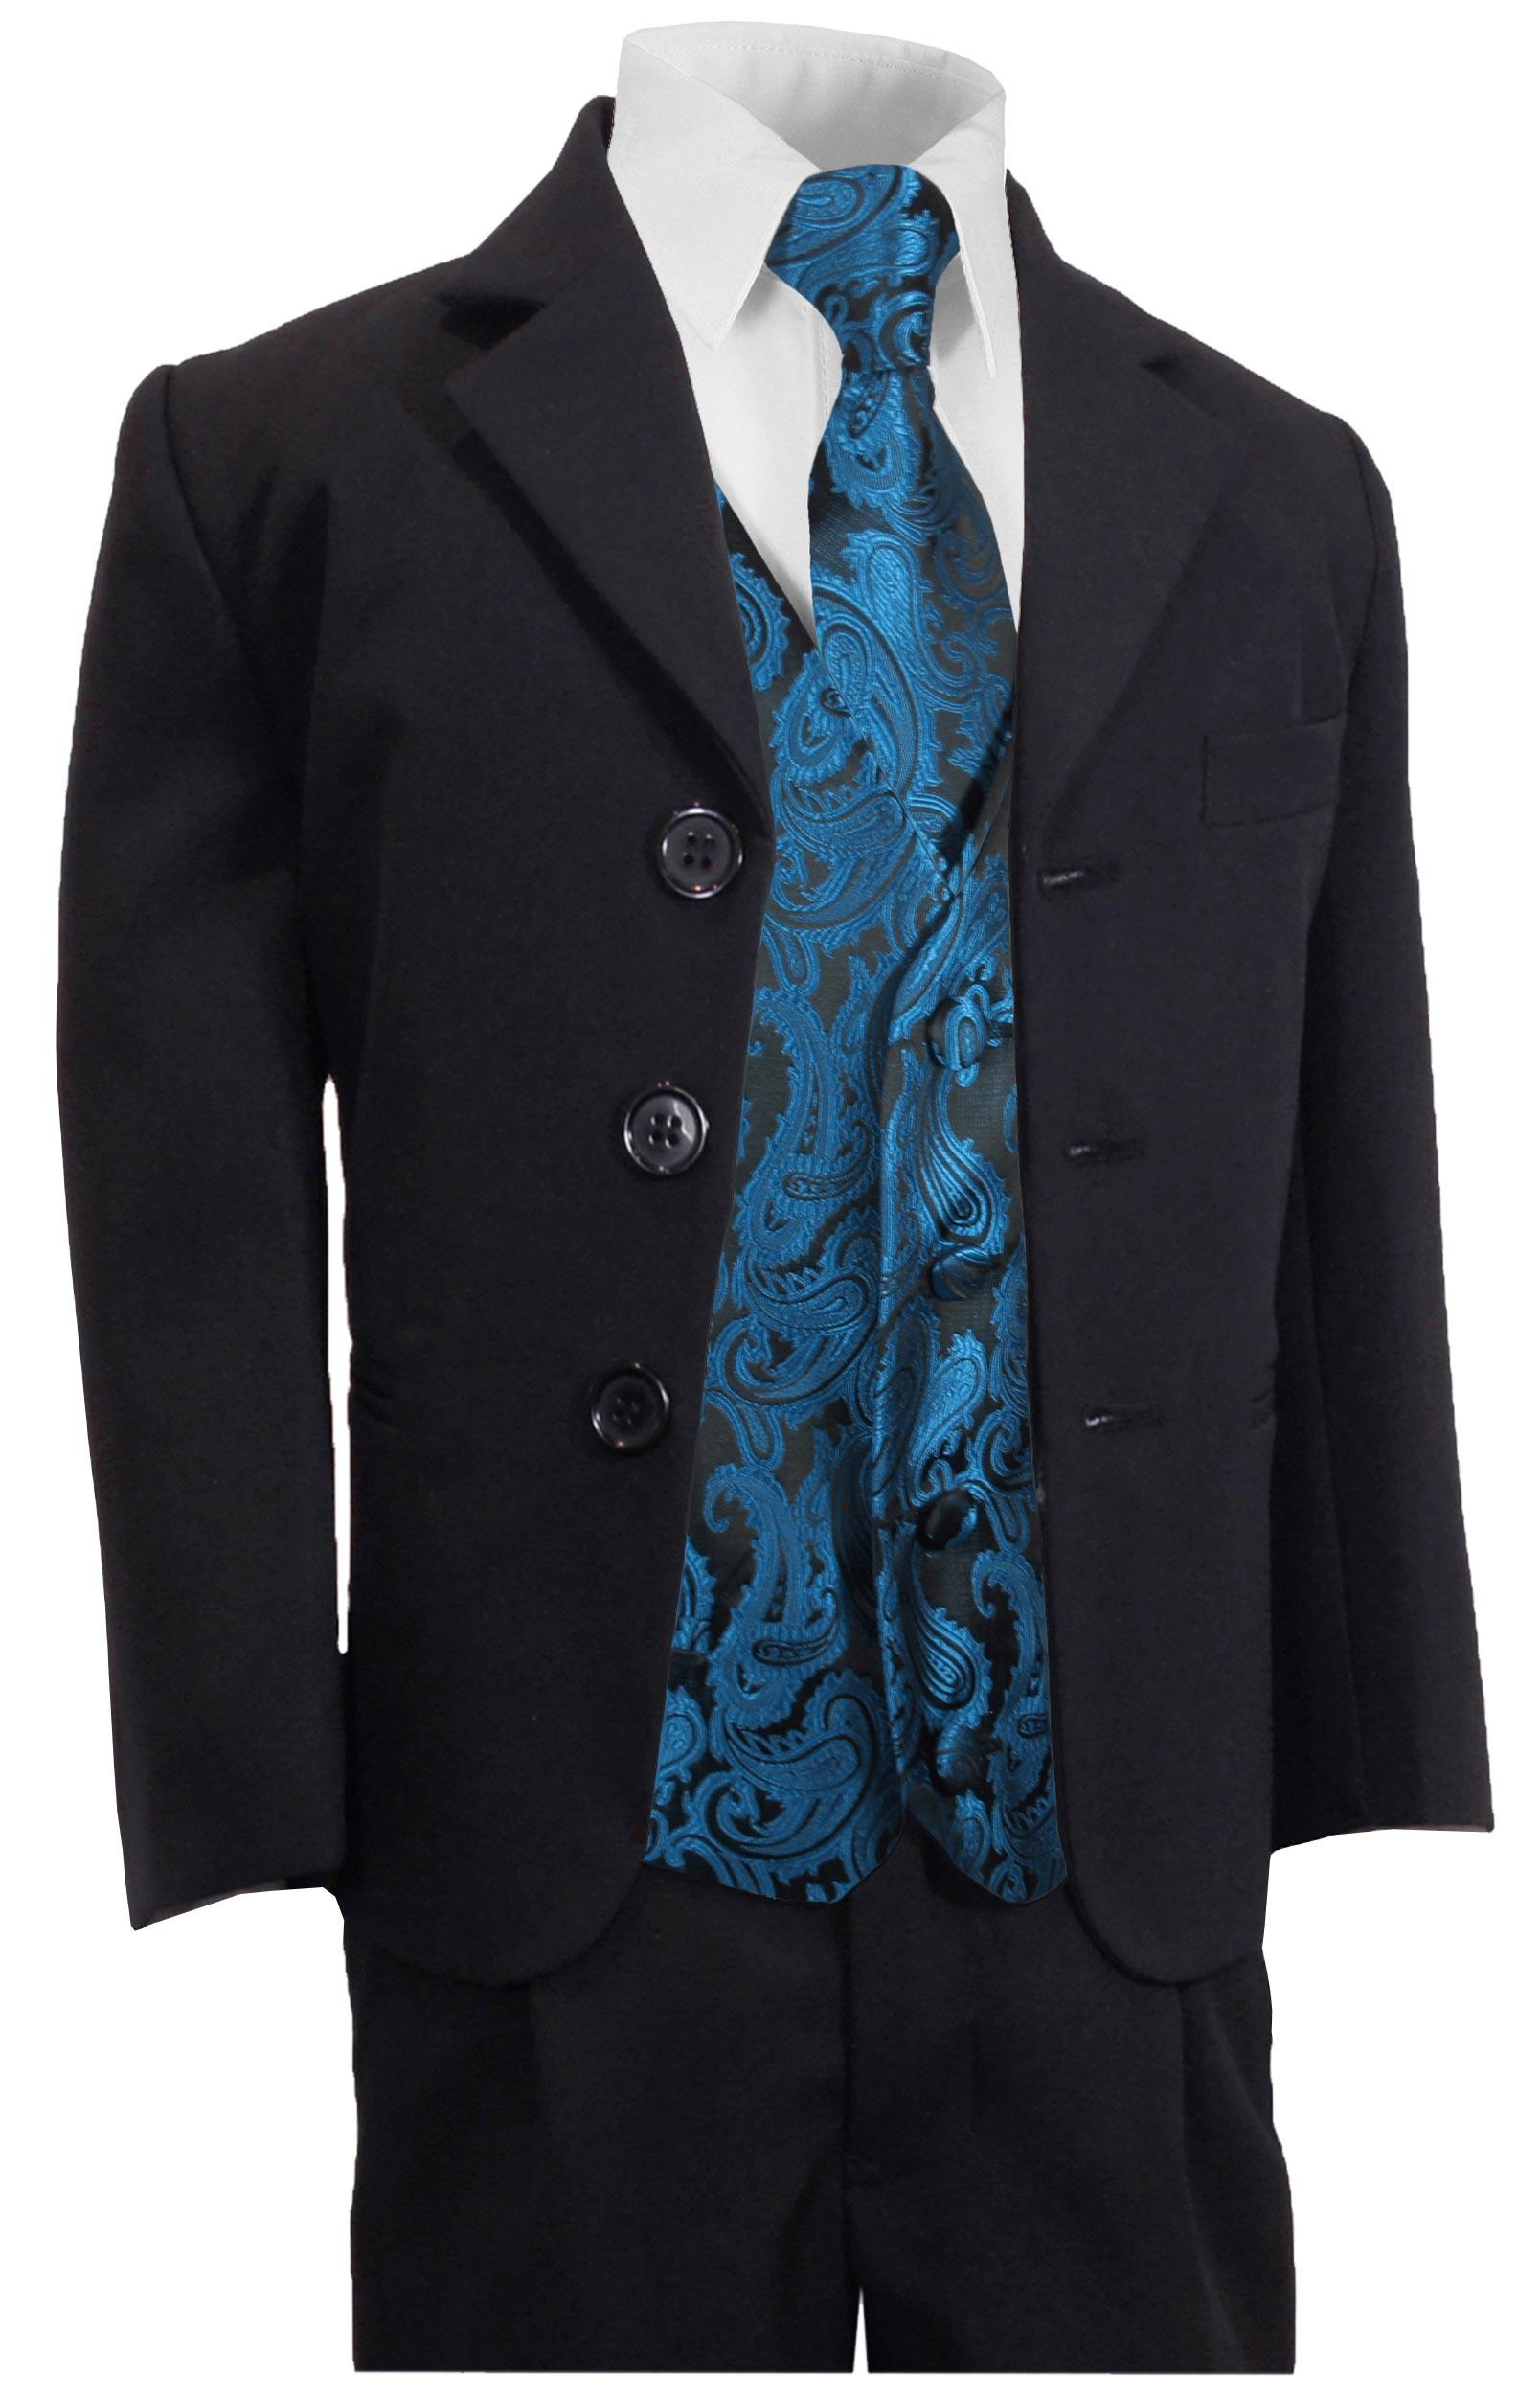 paul malone shop festlicher kinder anzug navy blau petrol westenset ka60kv100. Black Bedroom Furniture Sets. Home Design Ideas